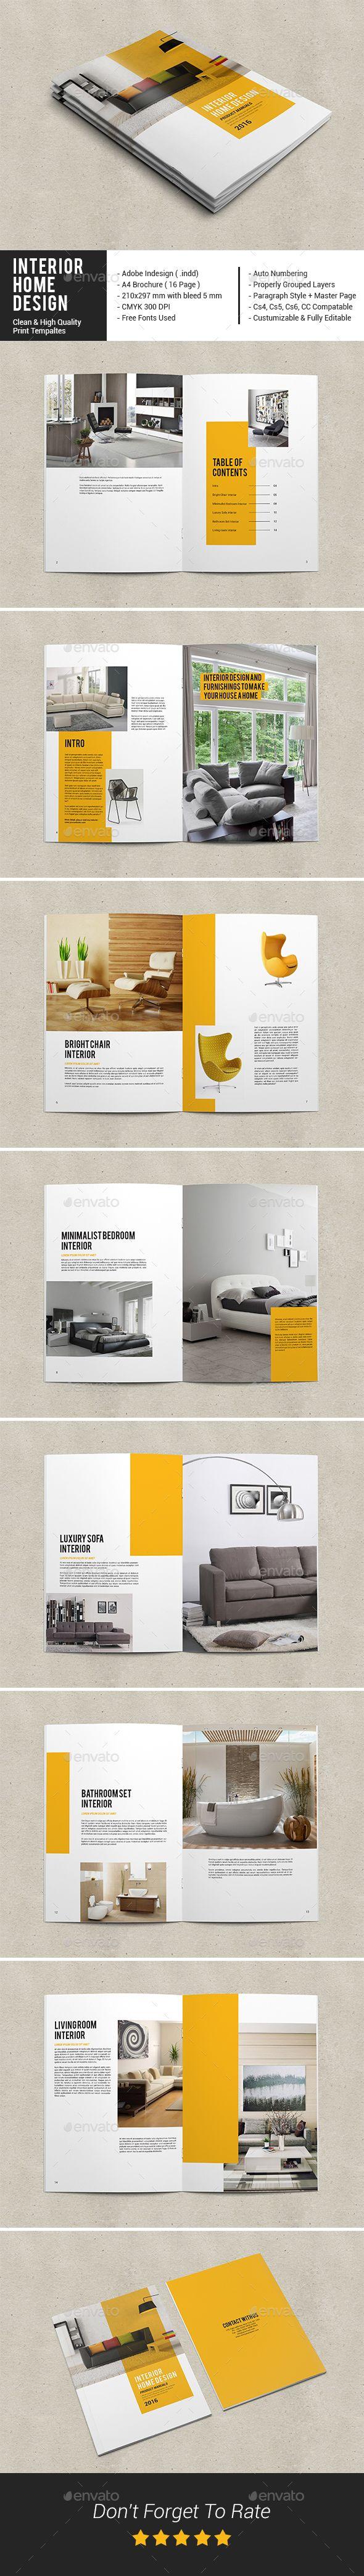 Interior Home Design Catalog | Diseño editorial y Editorial